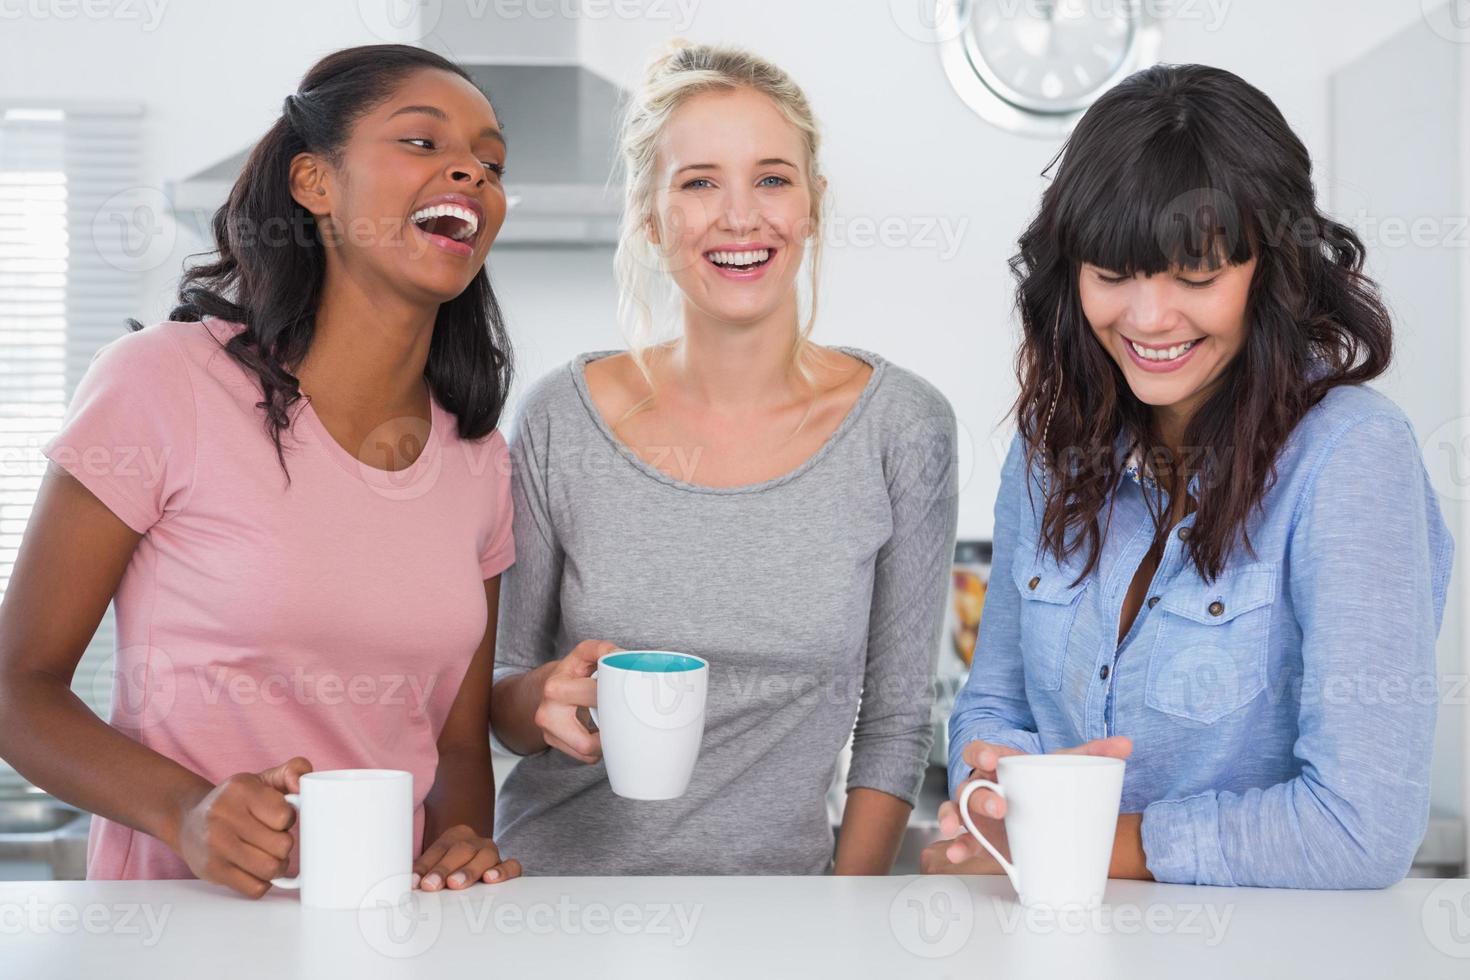 amici felici che mangiano caffè insieme foto